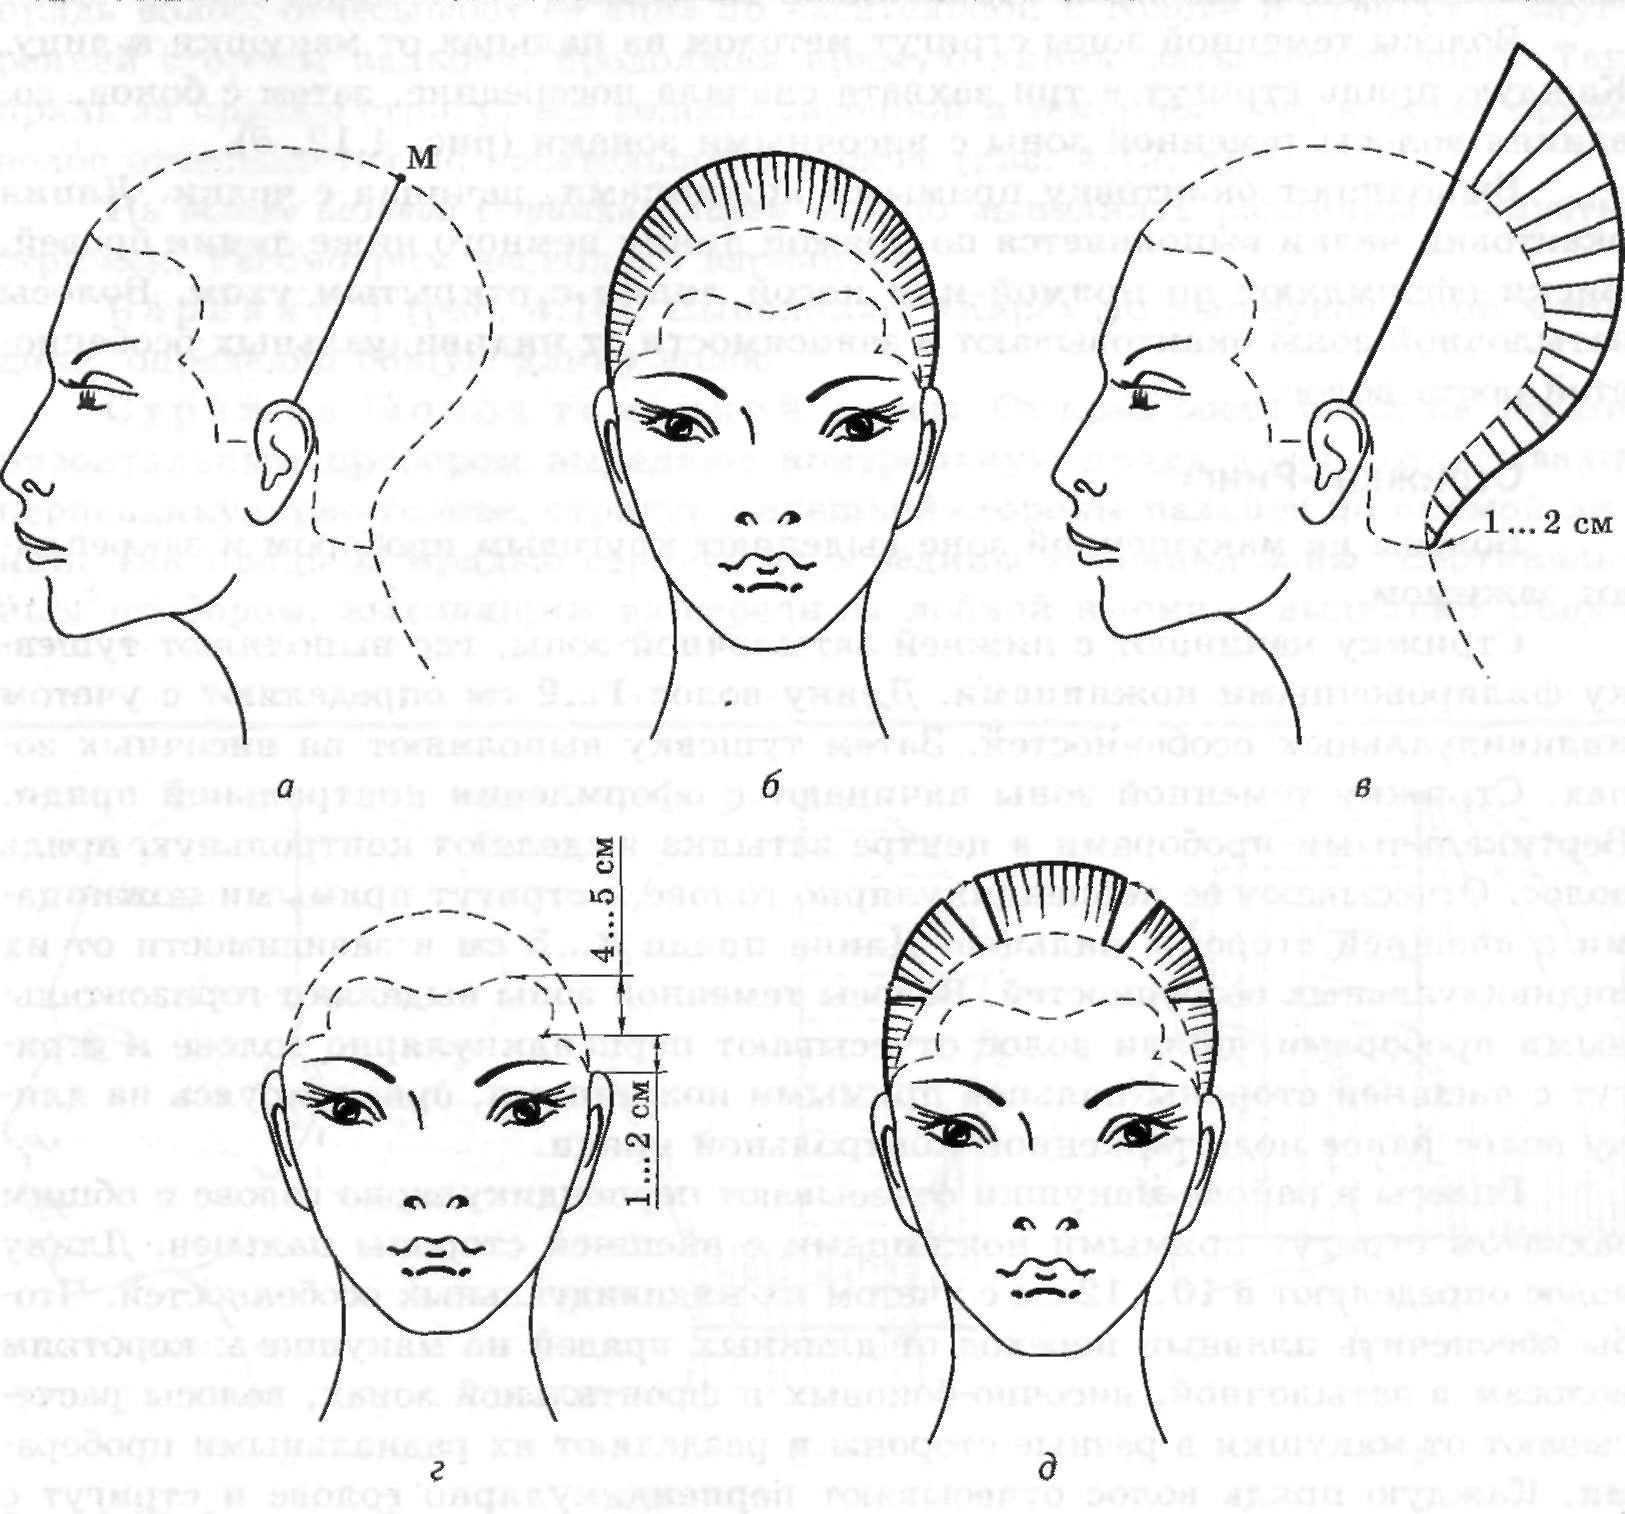 достопримечательности стрижка женская короткая схемы в картинках время съемок фильма